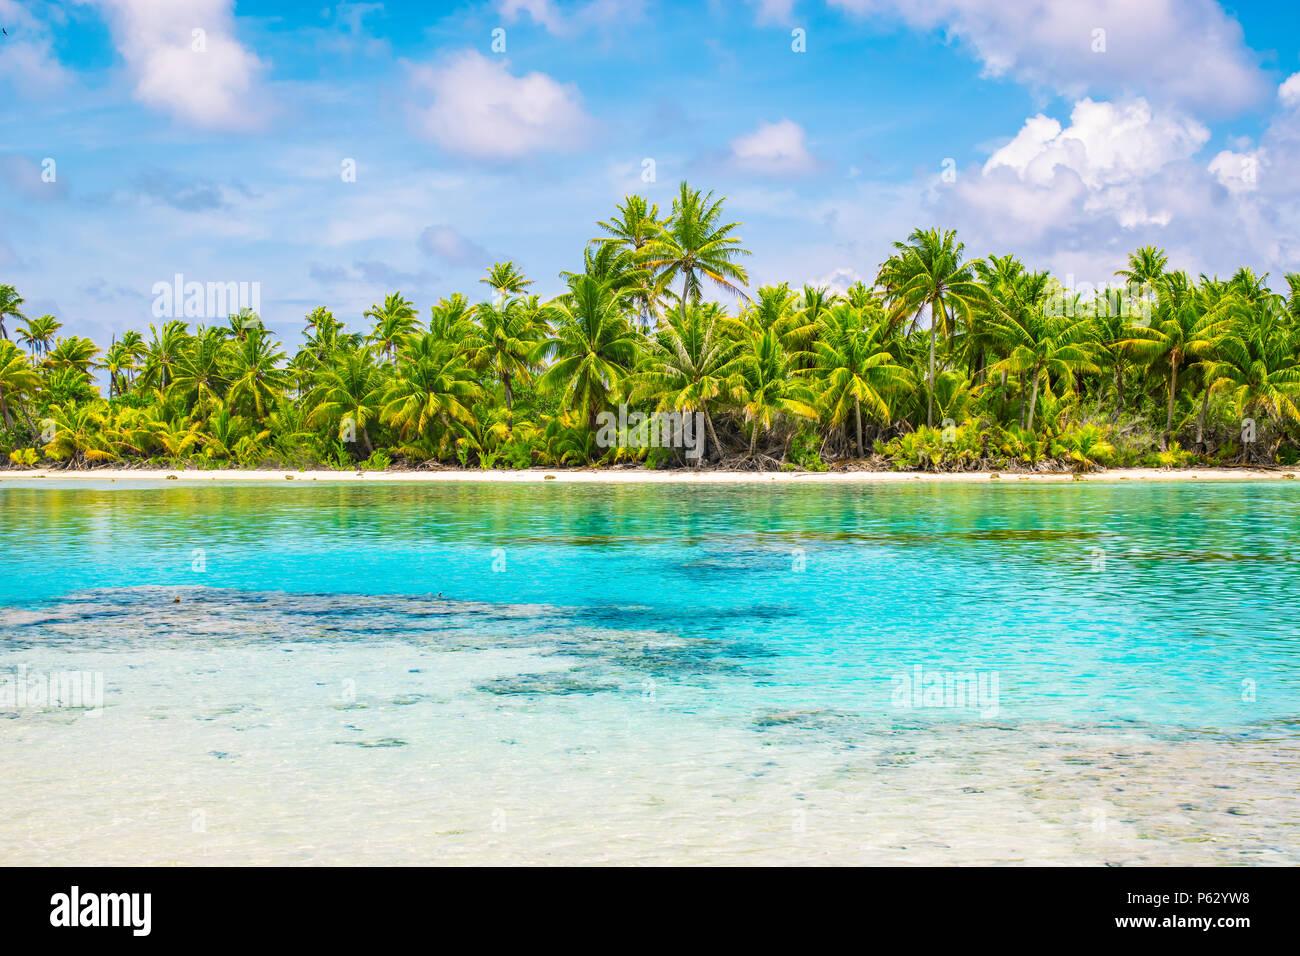 Alberi di palma tropicali e la laguna di Fakarava, Polinesia francese. La vacanza estiva concetto. Immagini Stock